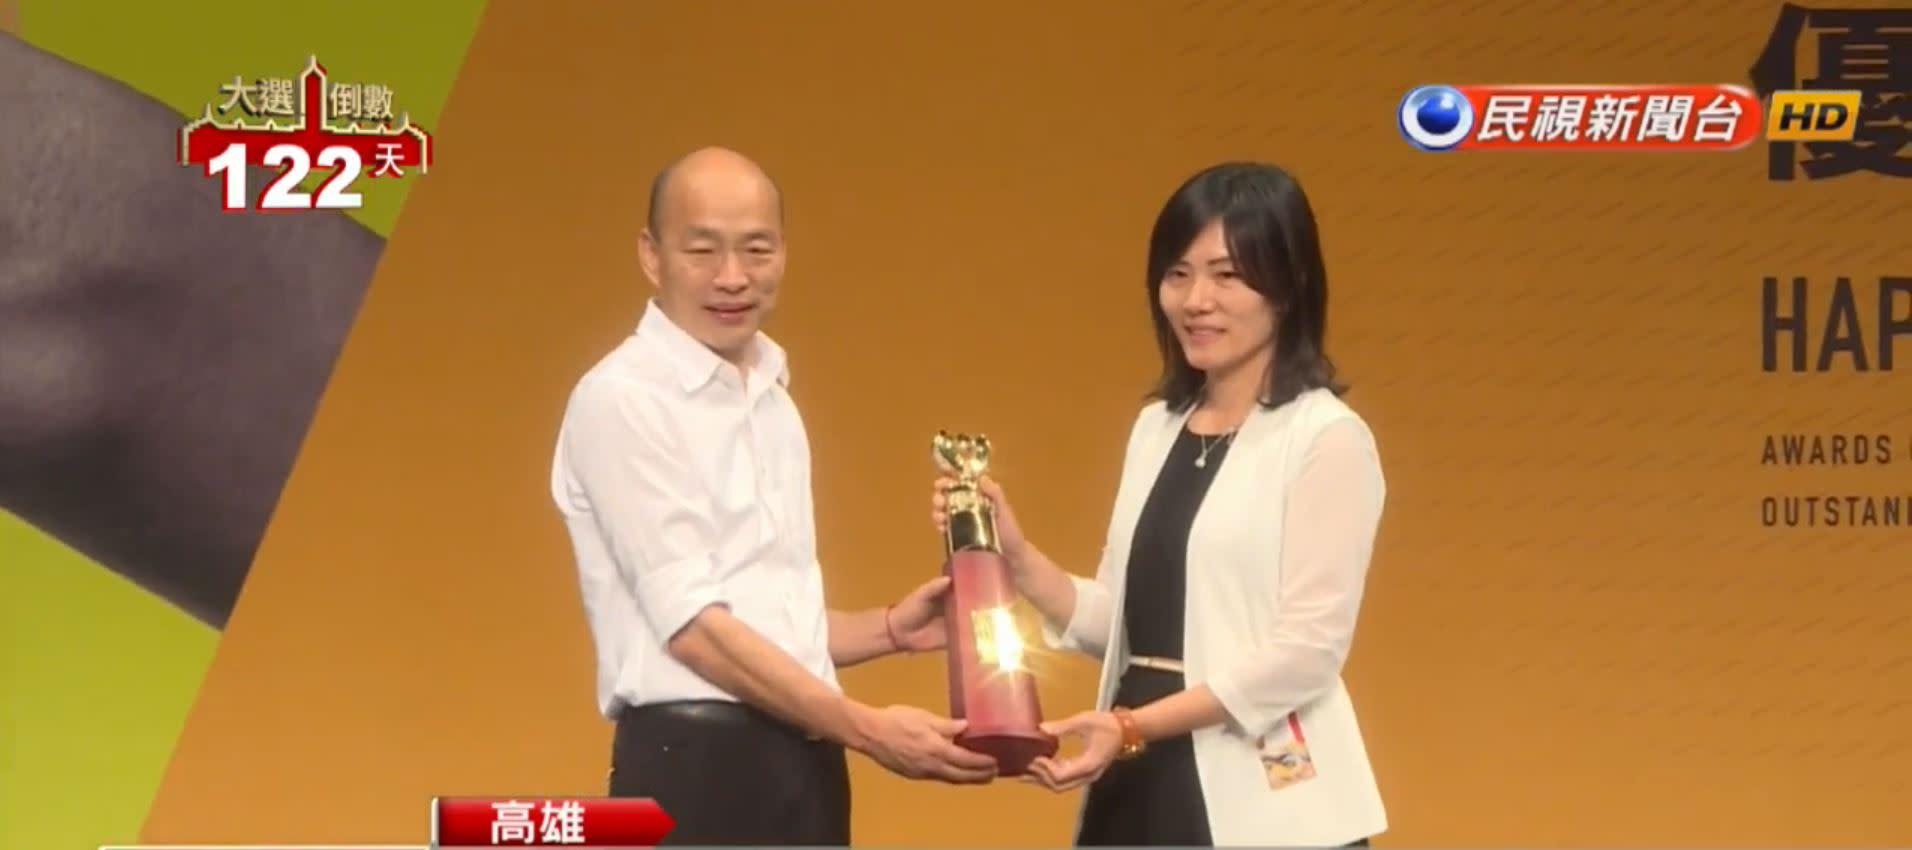 頒獎拒和韓國瑜握手 幼兒園長:打從心裡不喜歡他